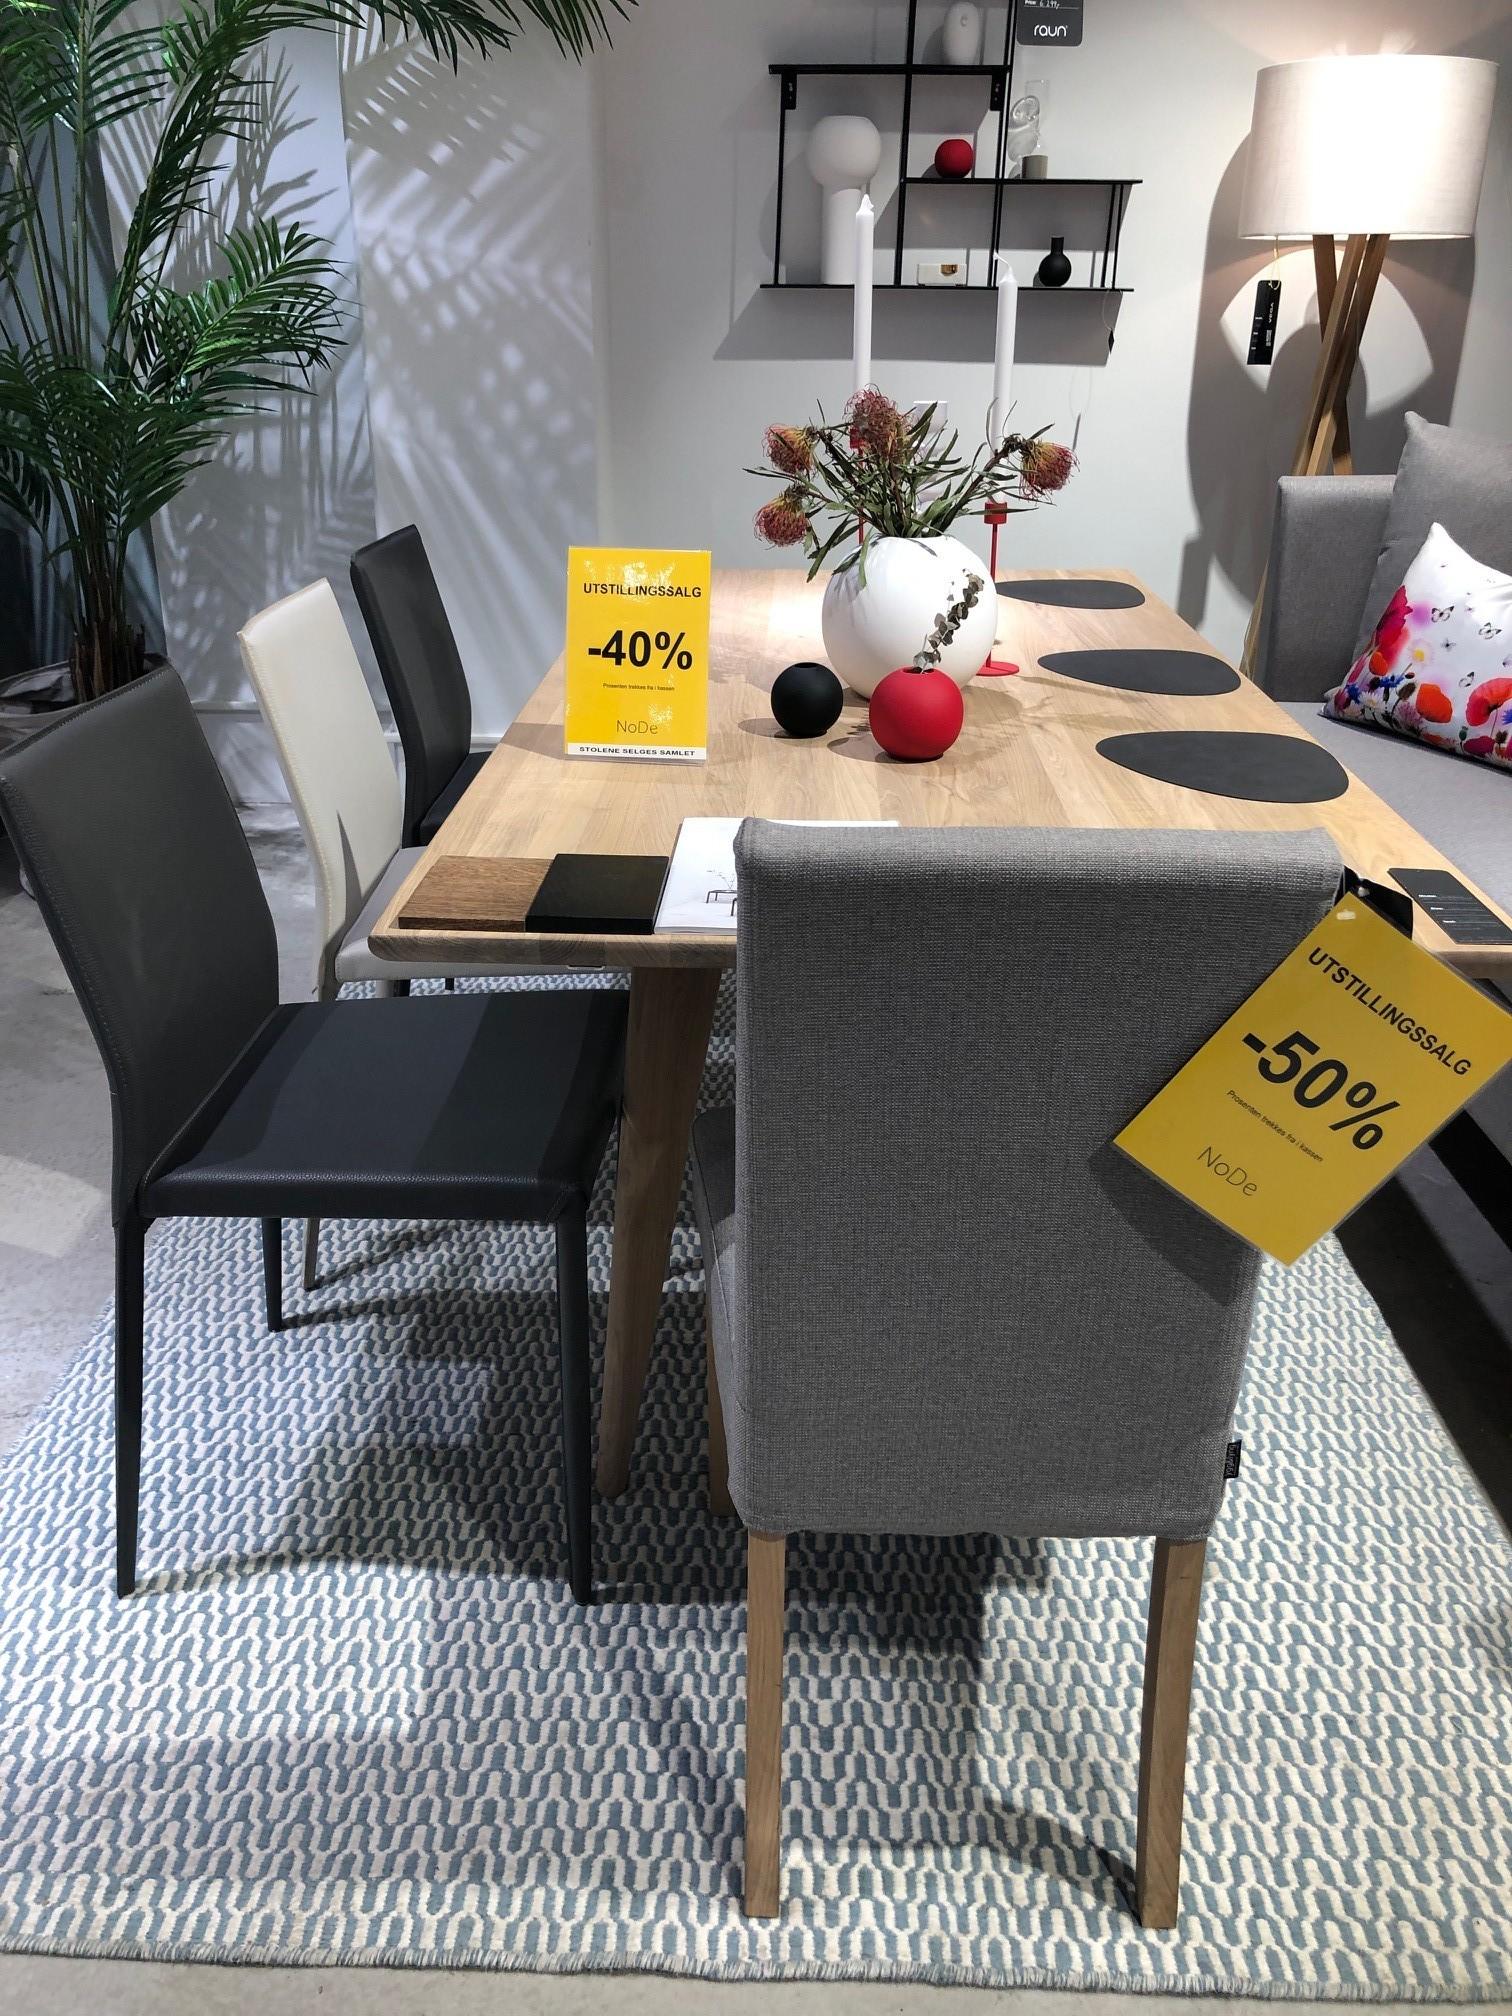 storm spisestol -40% (2x mørkgrå solgt). knaus SPISESTOL -50%. Spisebordet er solgt.